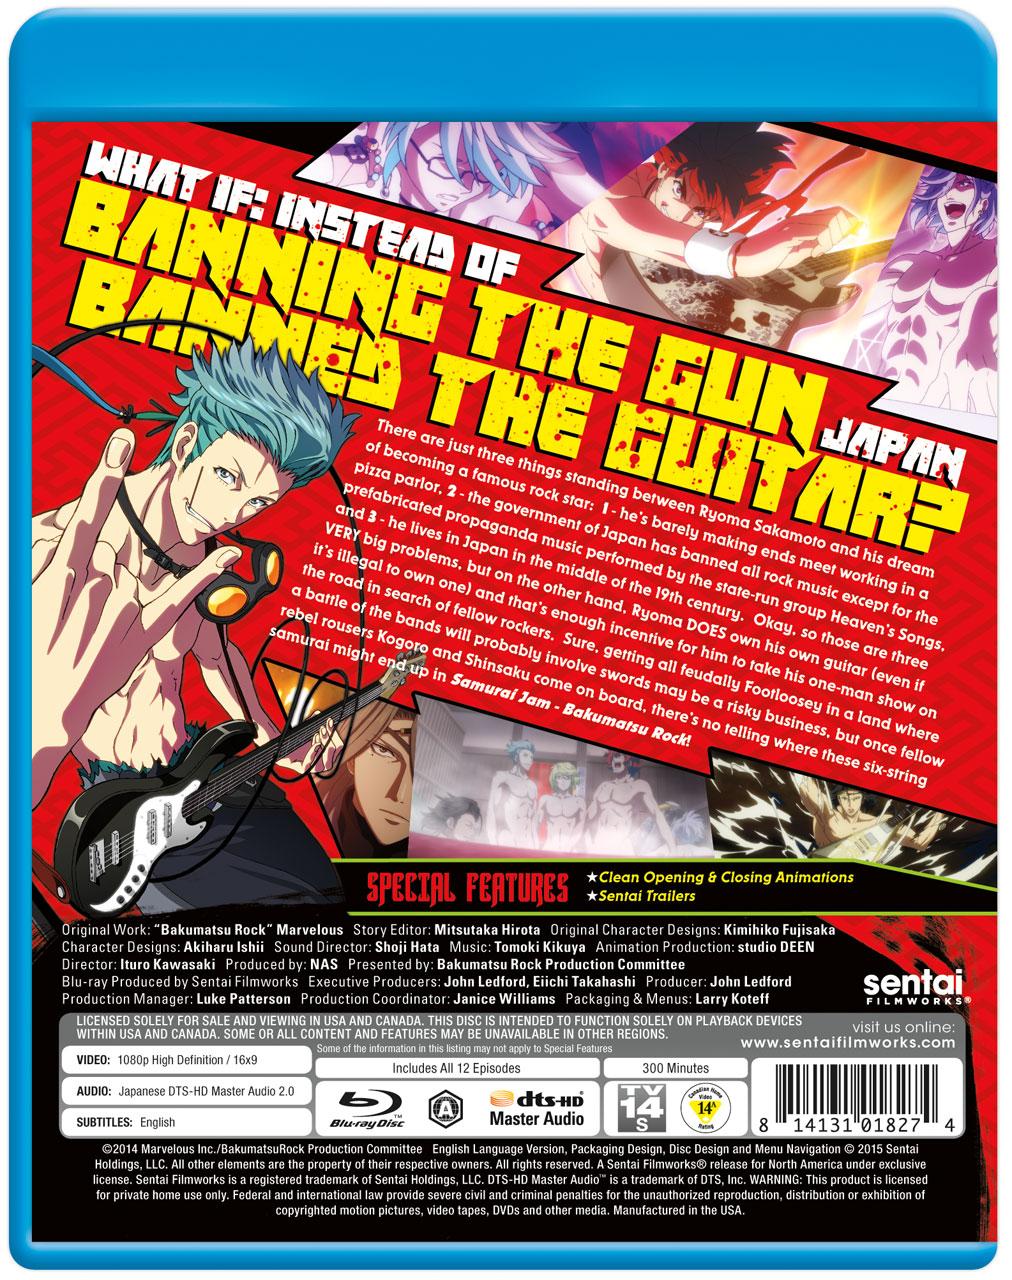 Samurai Jam Bakumatsu Rock Blu-ray